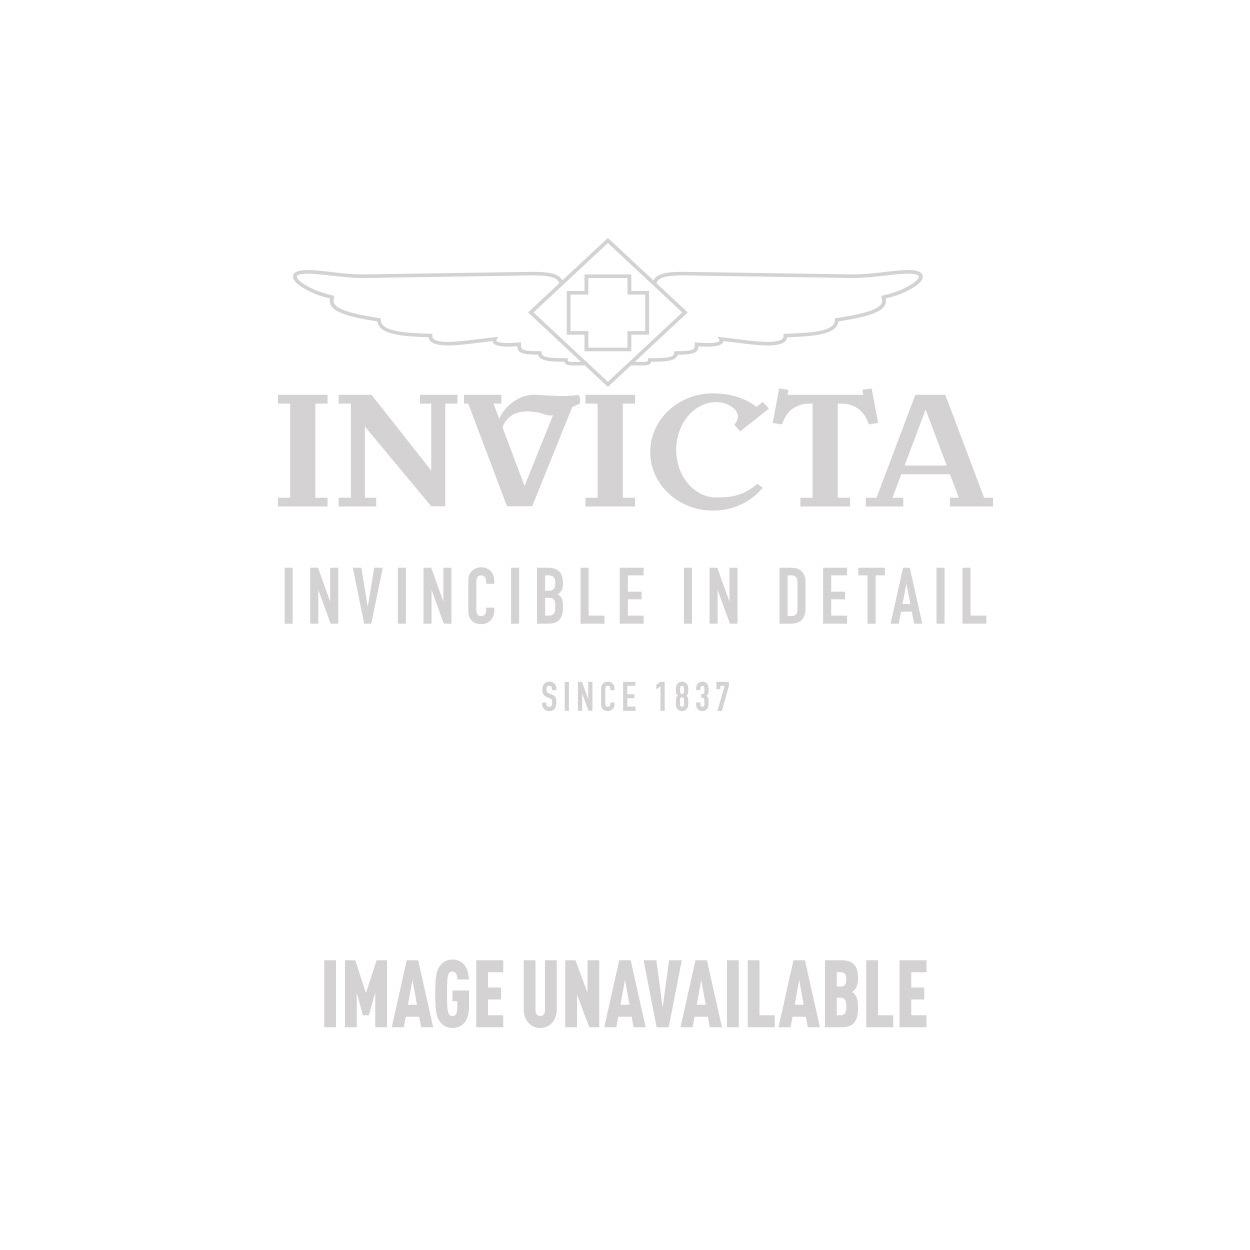 Invicta Model 27996